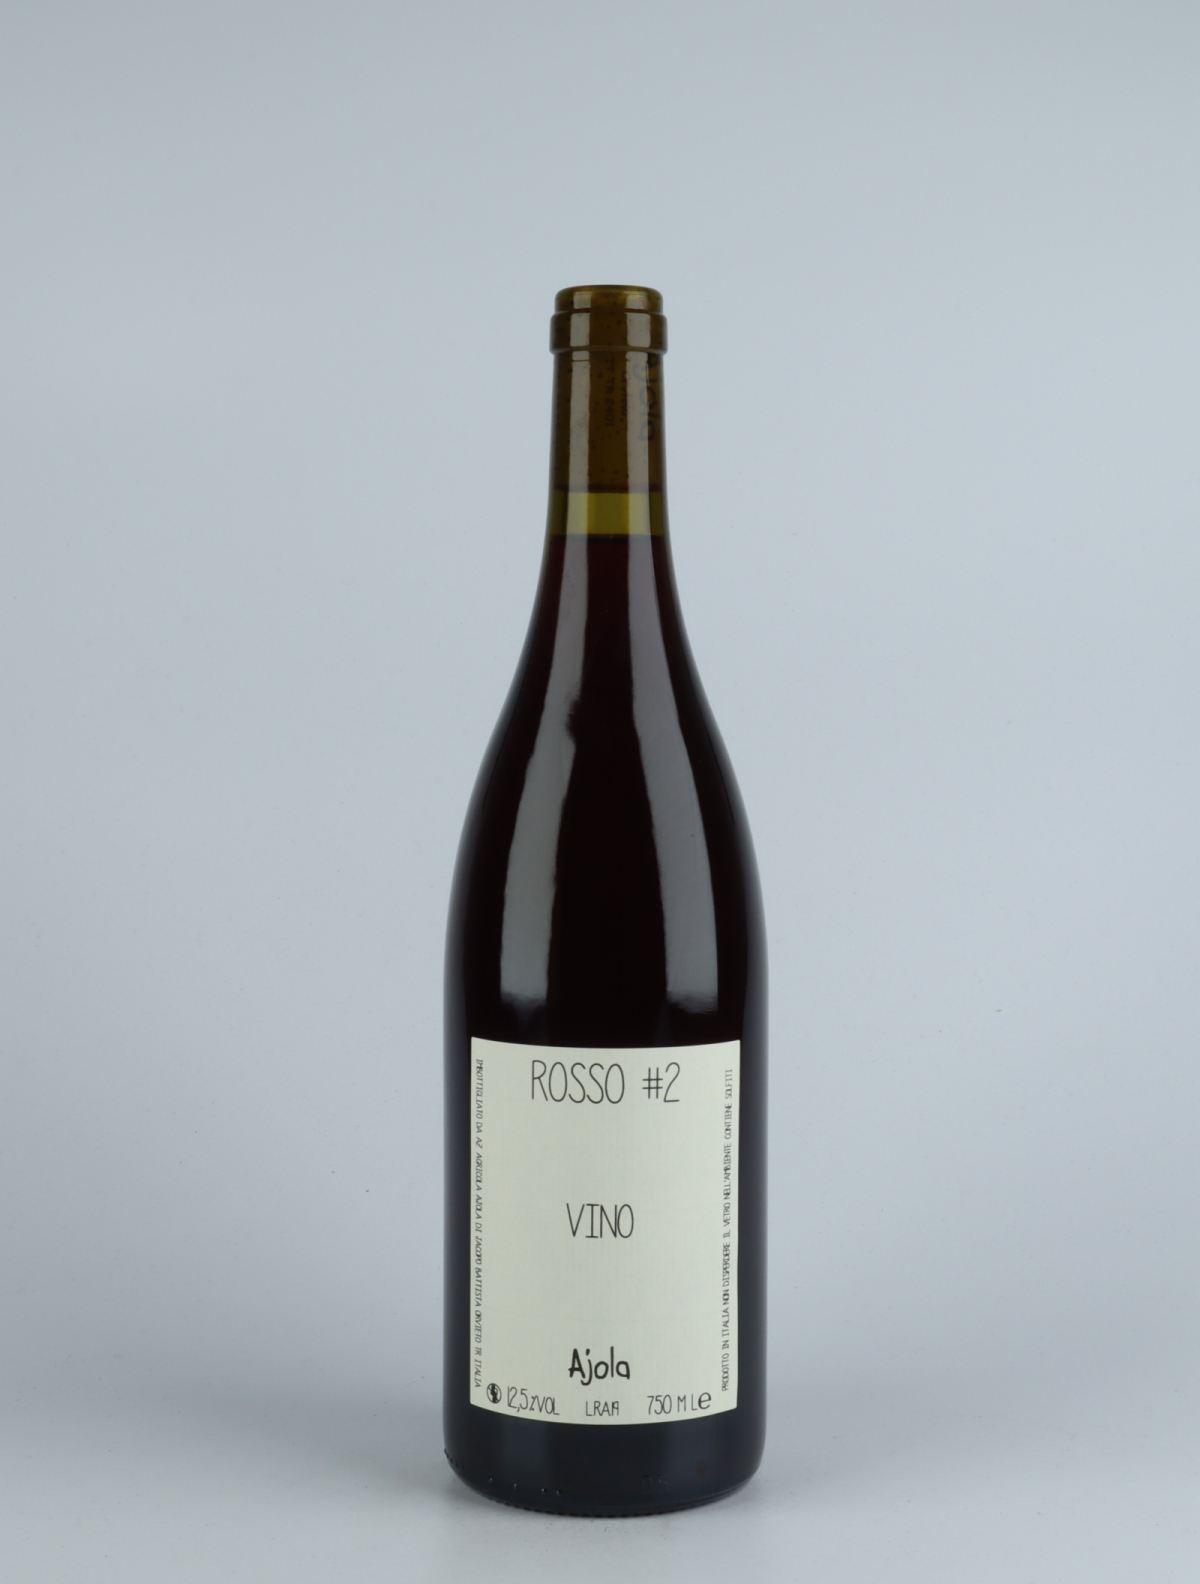 Vino Rosso #2